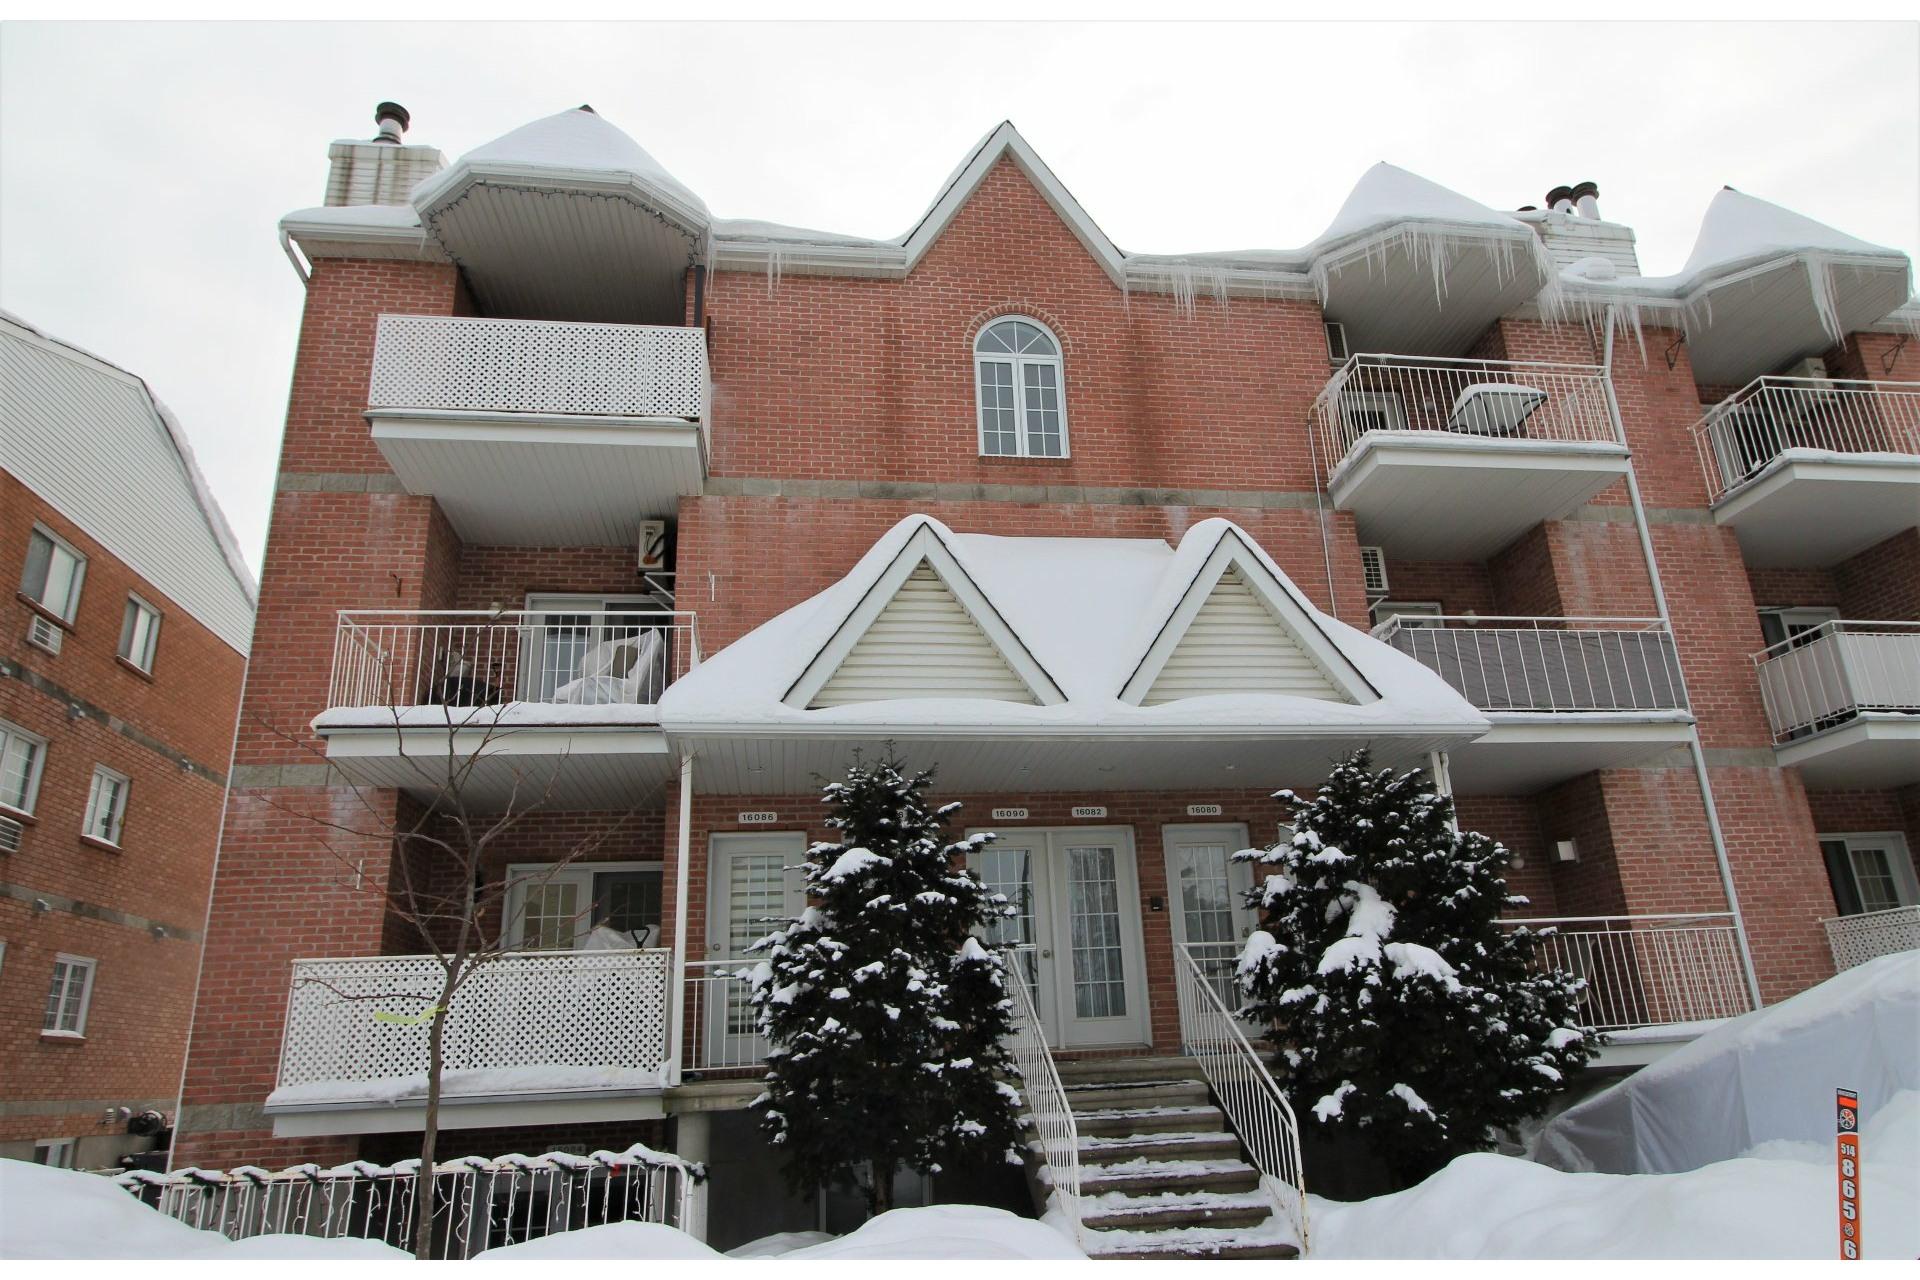 image 19 - Appartement À vendre Rivière-des-Prairies/Pointe-aux-Trembles Montréal  - 7 pièces